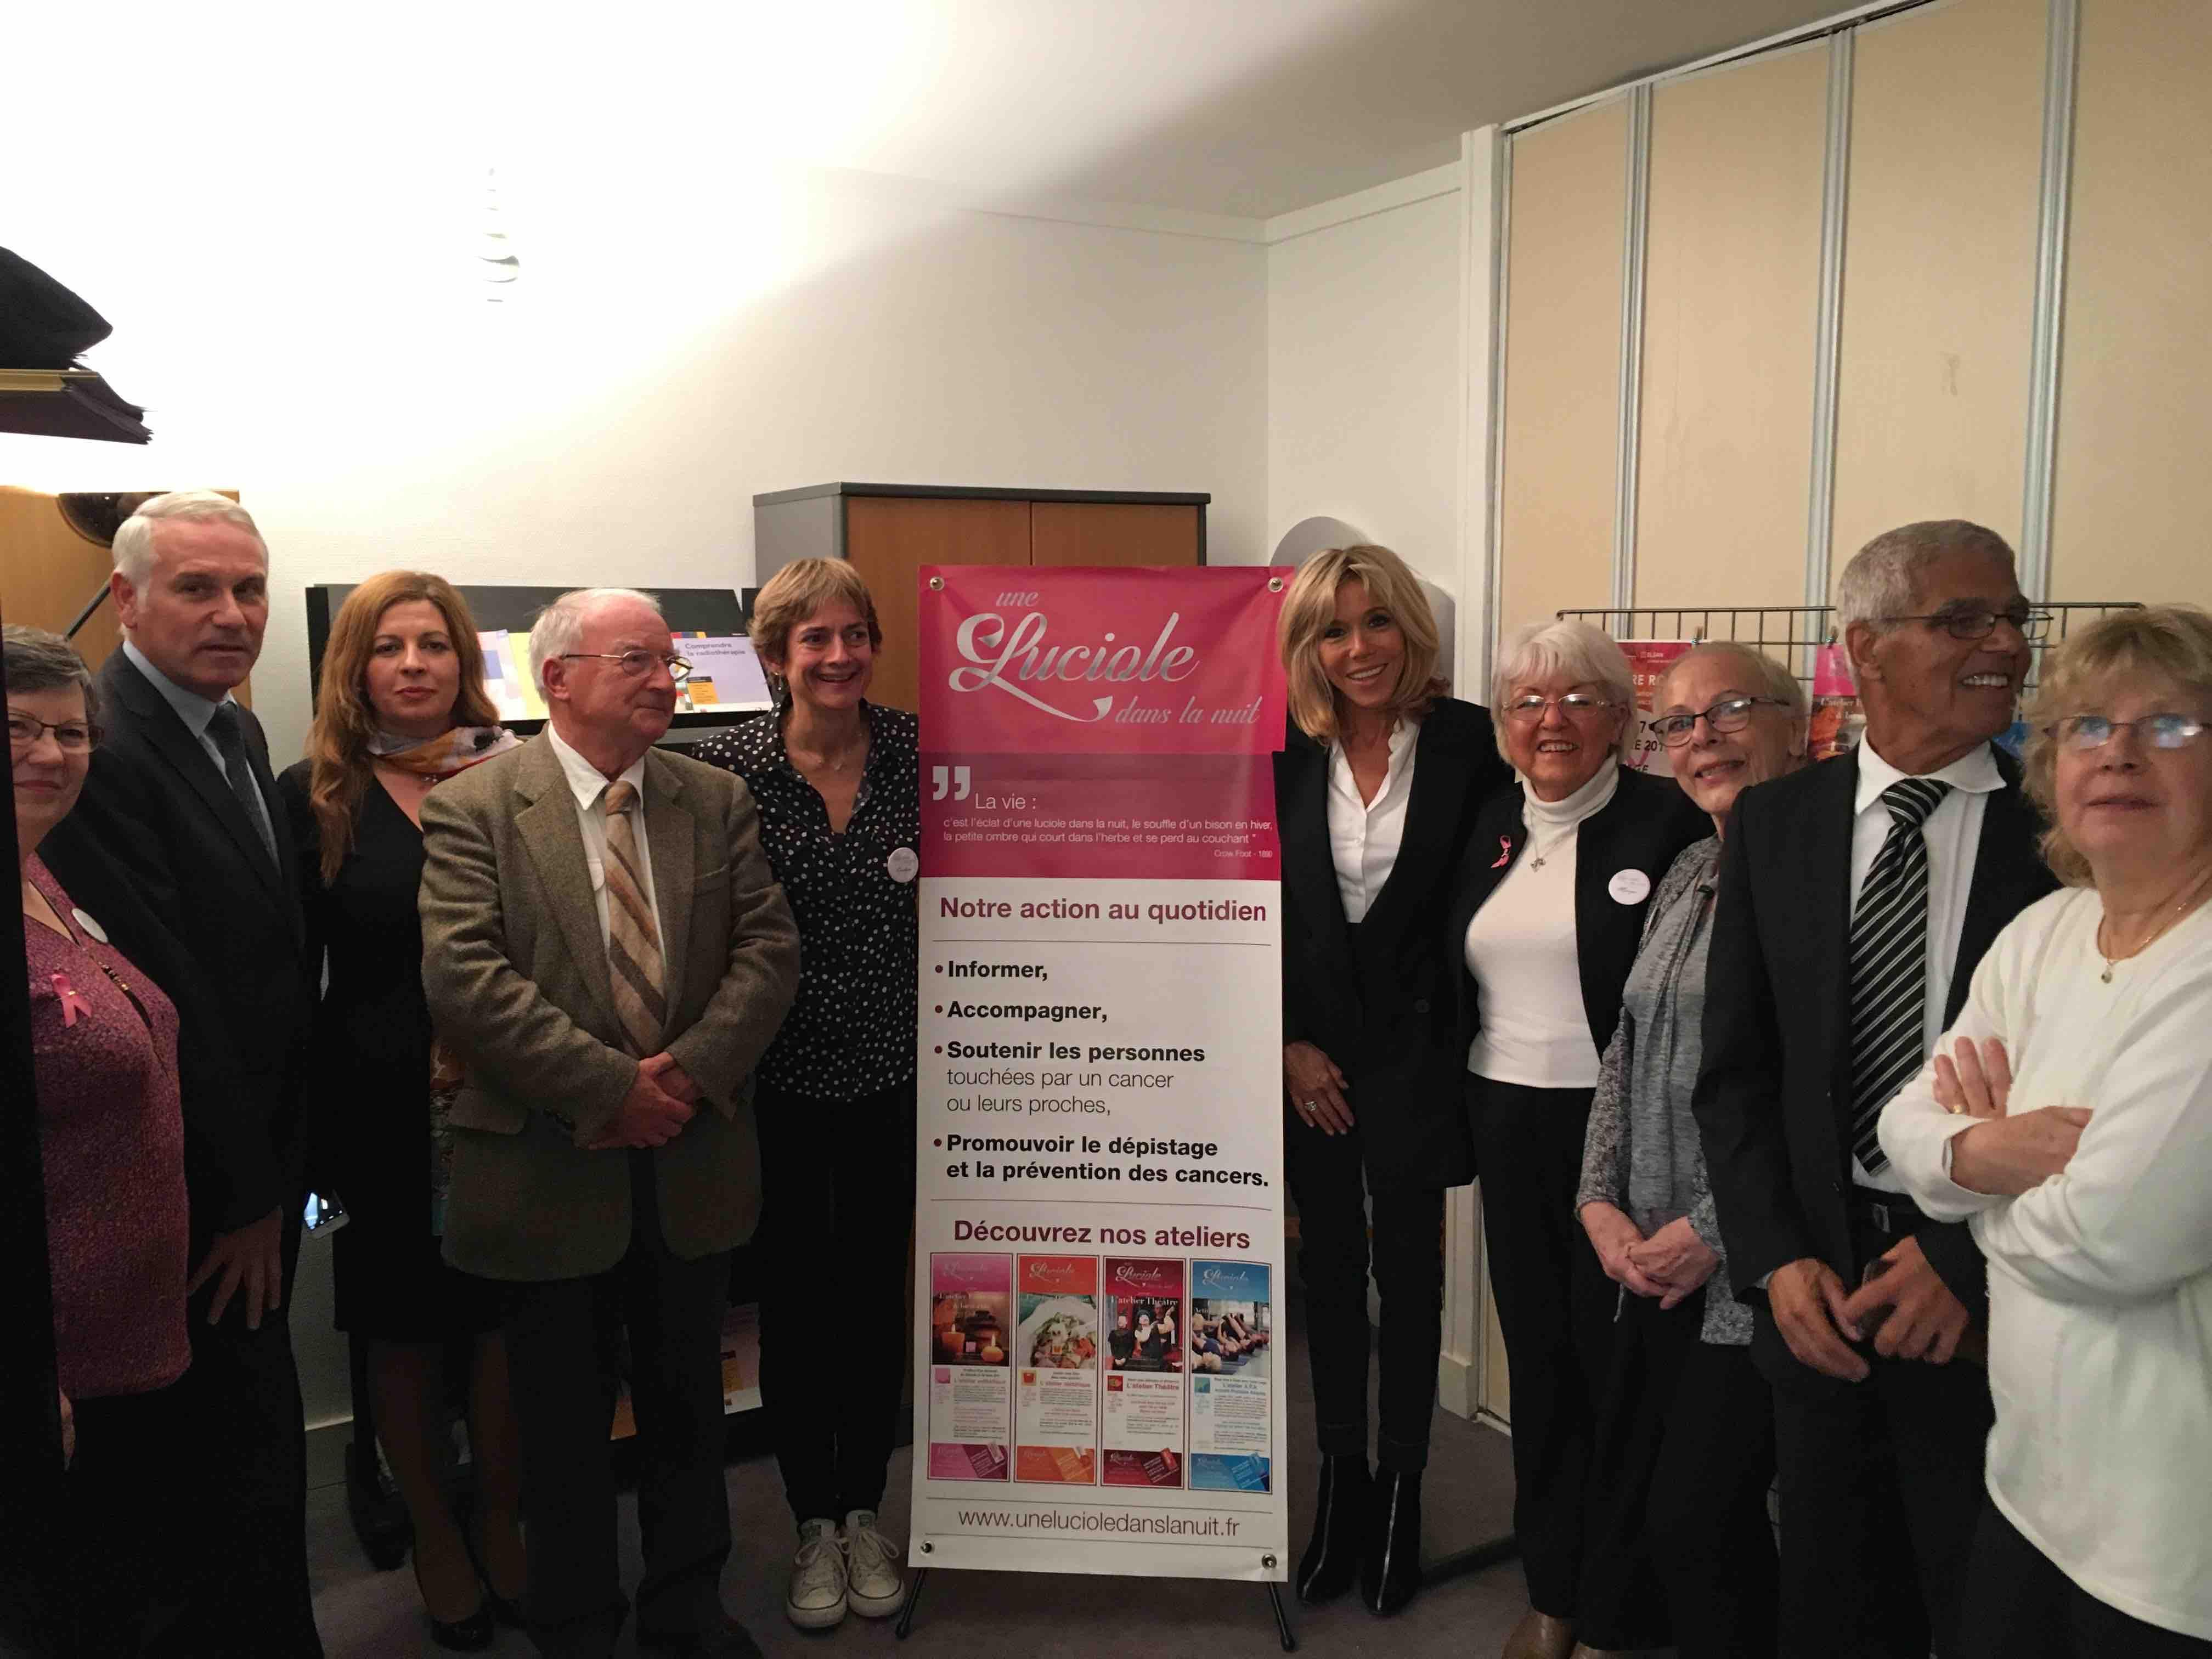 Mme Brigitte Macron à la rencontre de s bénévoles de Une Luciole dans la nuit